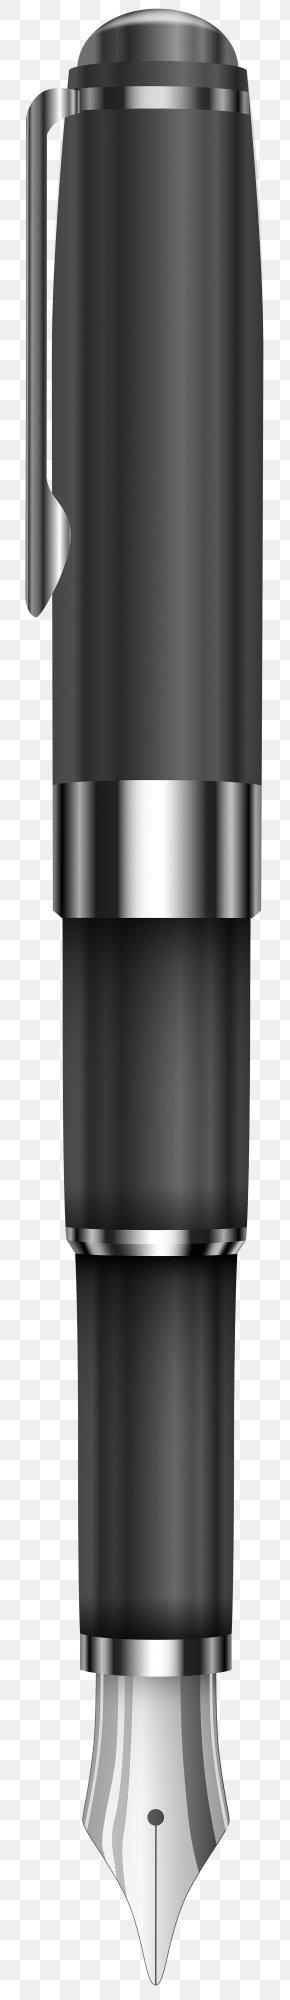 Ballpoint Pen Artwork - Paper Fountain Pen Quill Dip Pen PNG